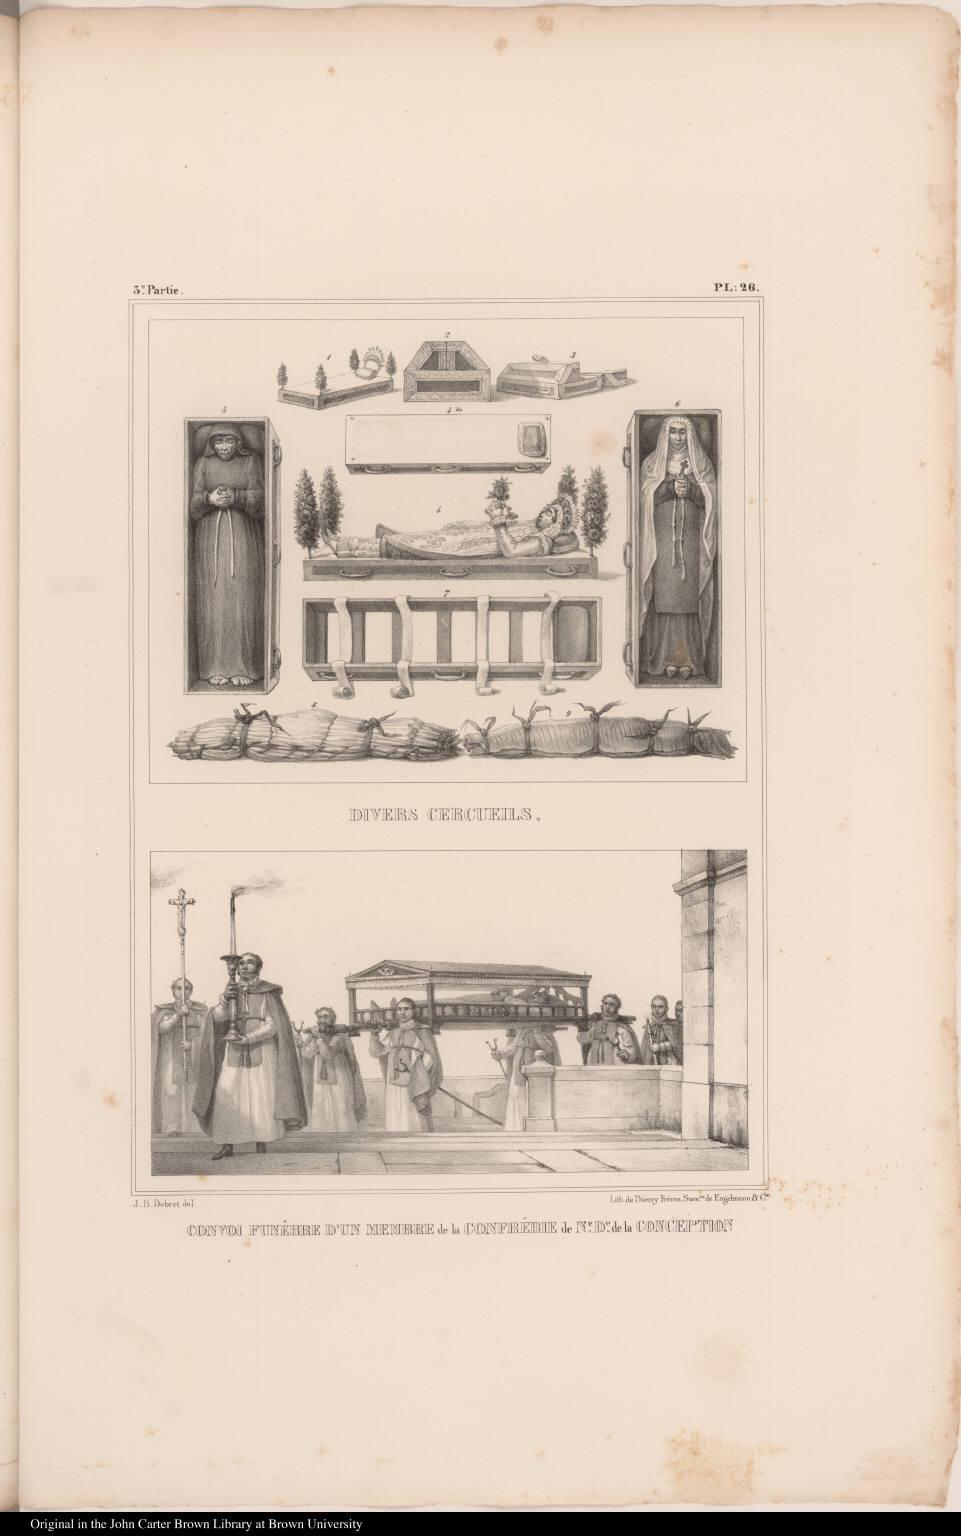 [top] Divers Cercueils. [bottom] Convoi Funèbre d'un Membre de la Confrérie de Ne. De. de la Conception